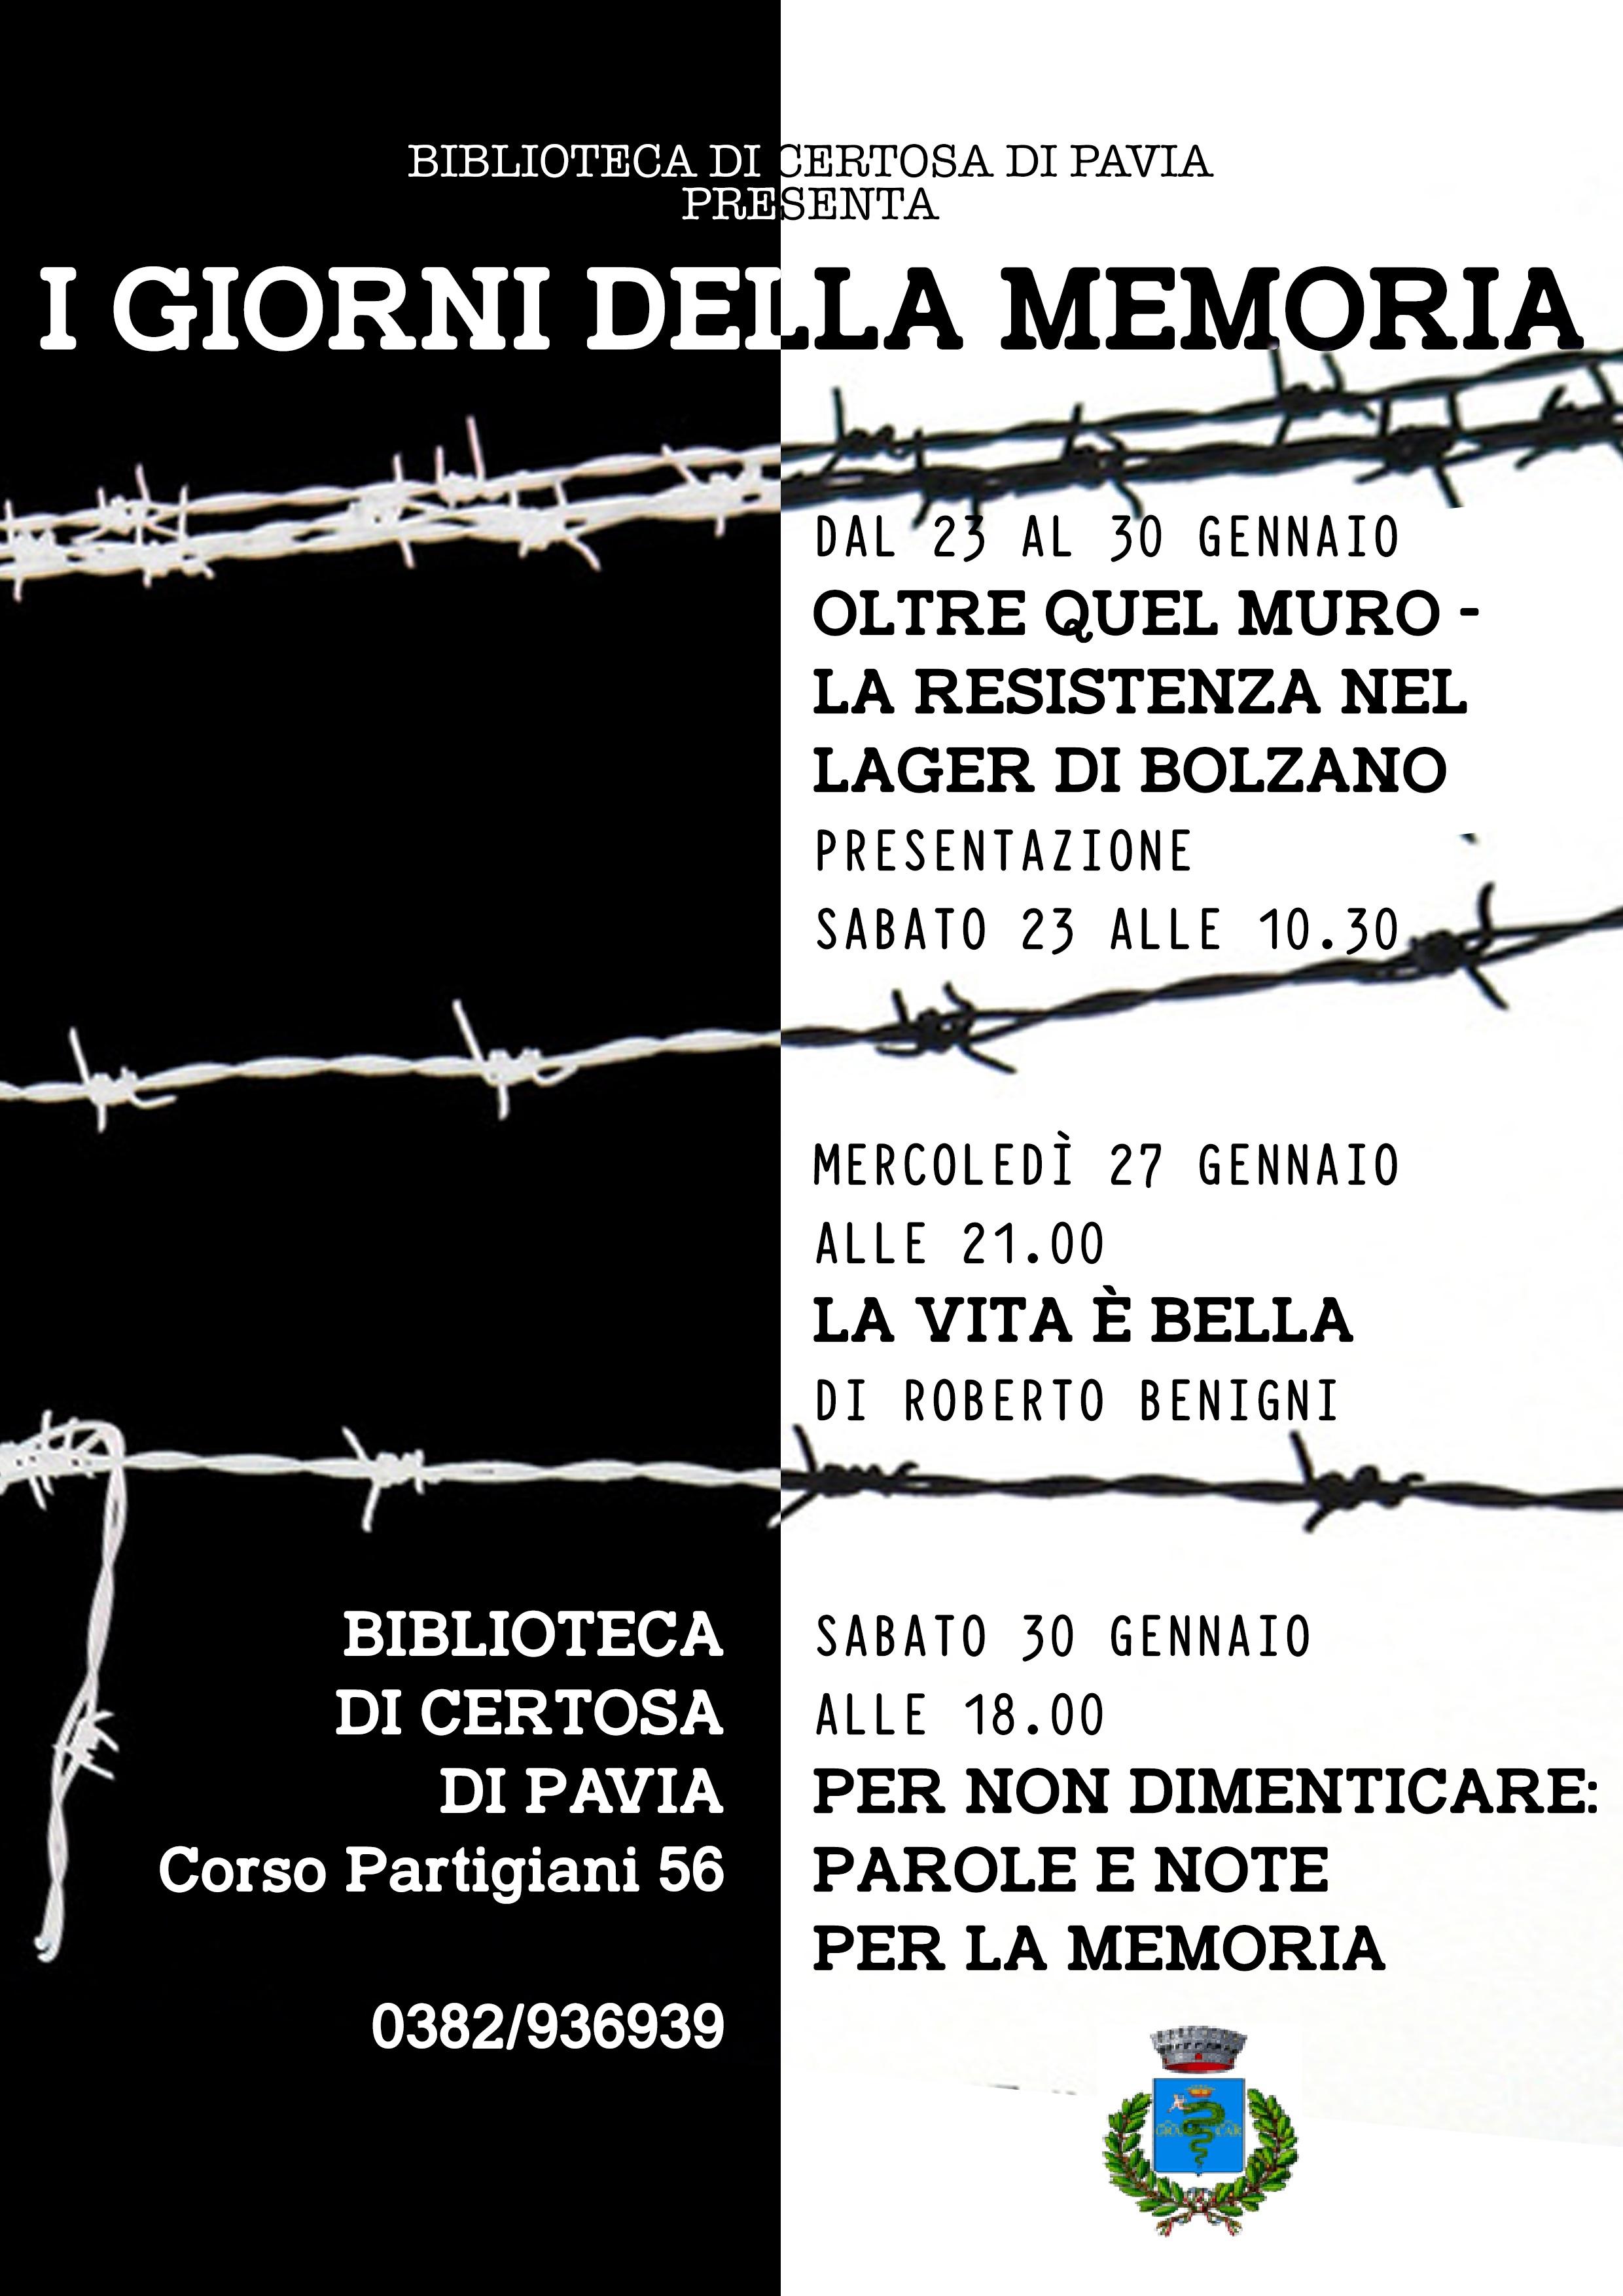 I giorni della Memoria - Eventi di gennaio 2016 della Biblioteca di Certosa di Pavia